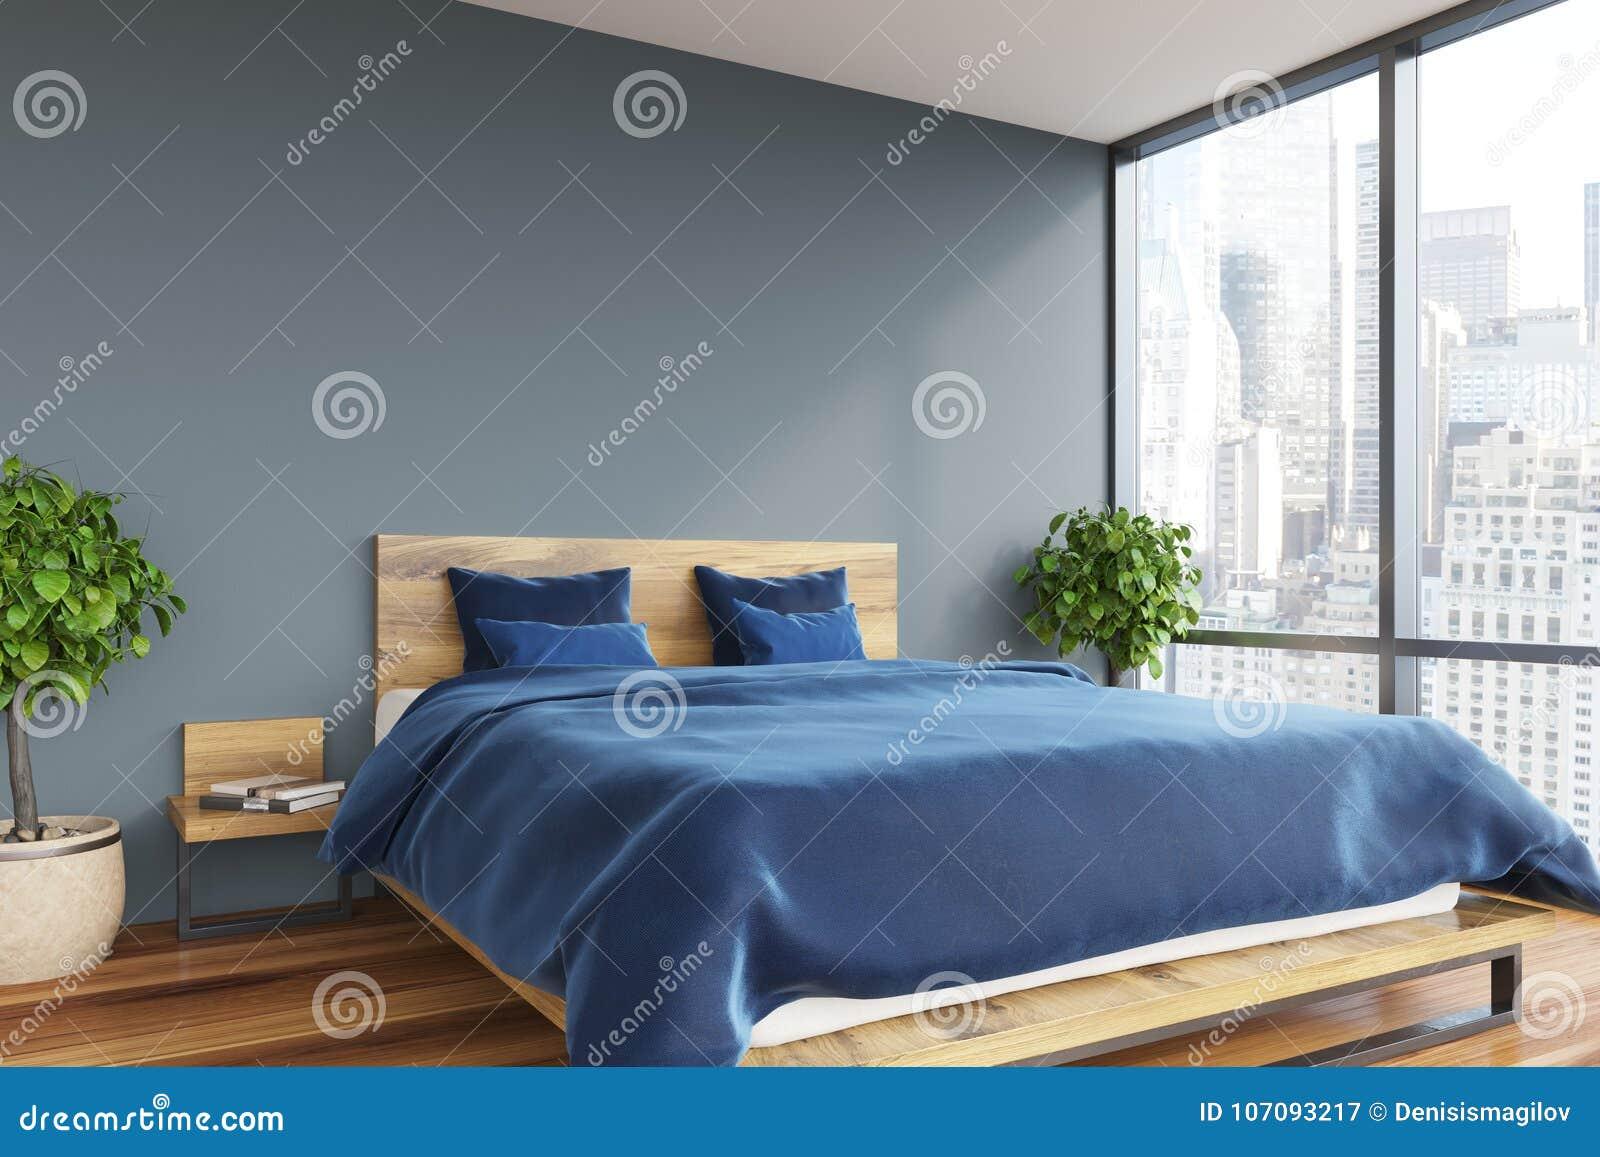 Chambre à Coucher Grise, Lit Bleu